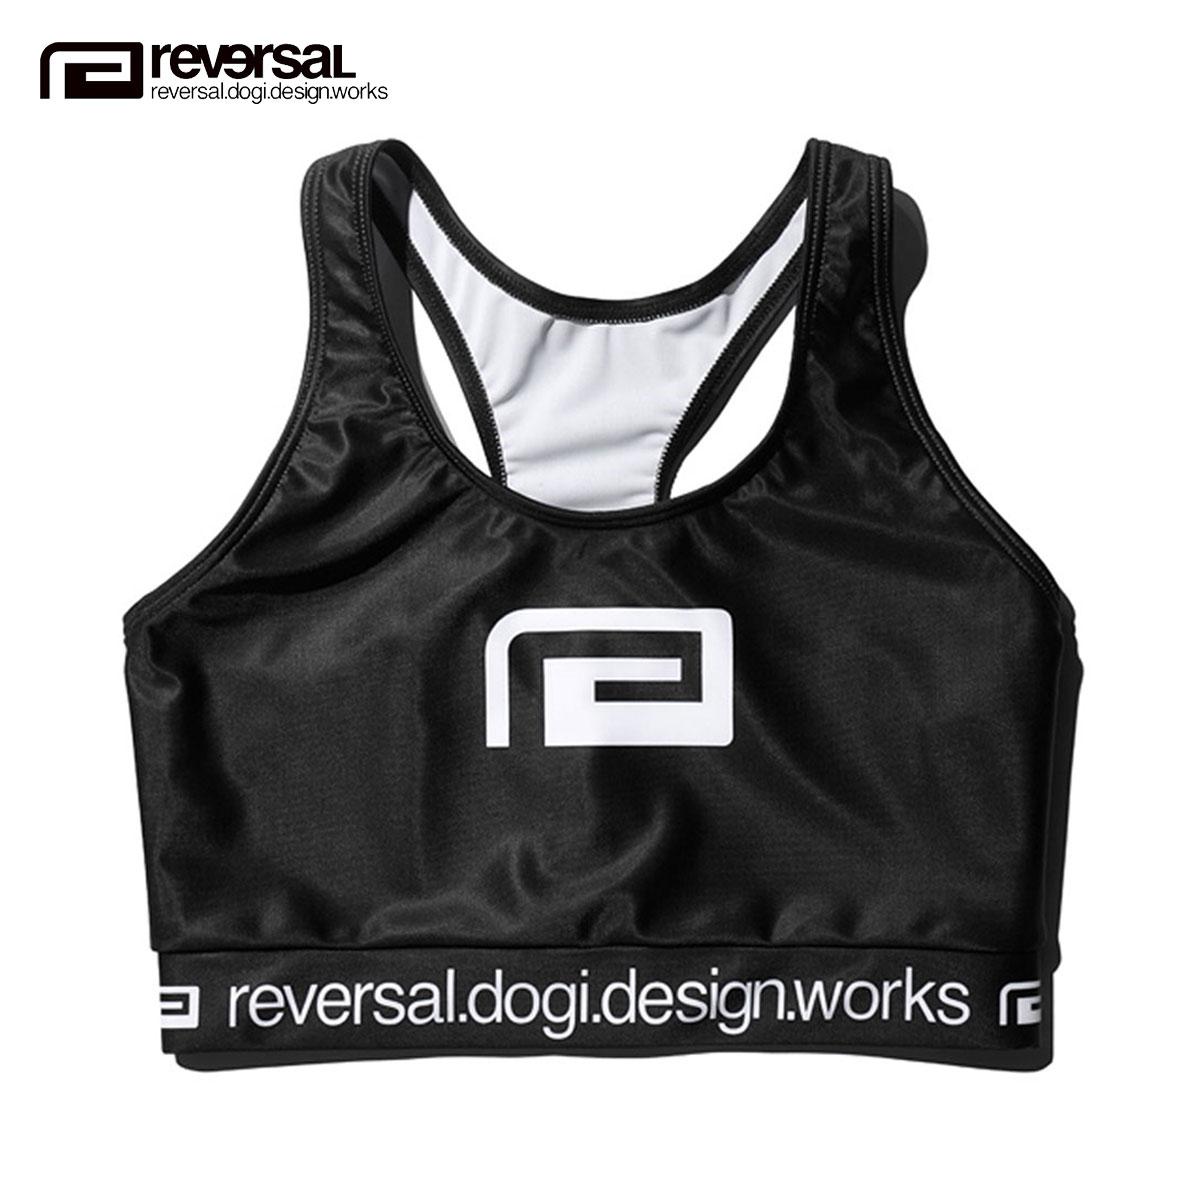 リバーサル インナーウエア レディース 正規販売店 REVERSAL インナー スポーツブラ  BIG MARK ACTIVE BRA rv19ss039 BLACK A06B B2C C7D D4E E13F